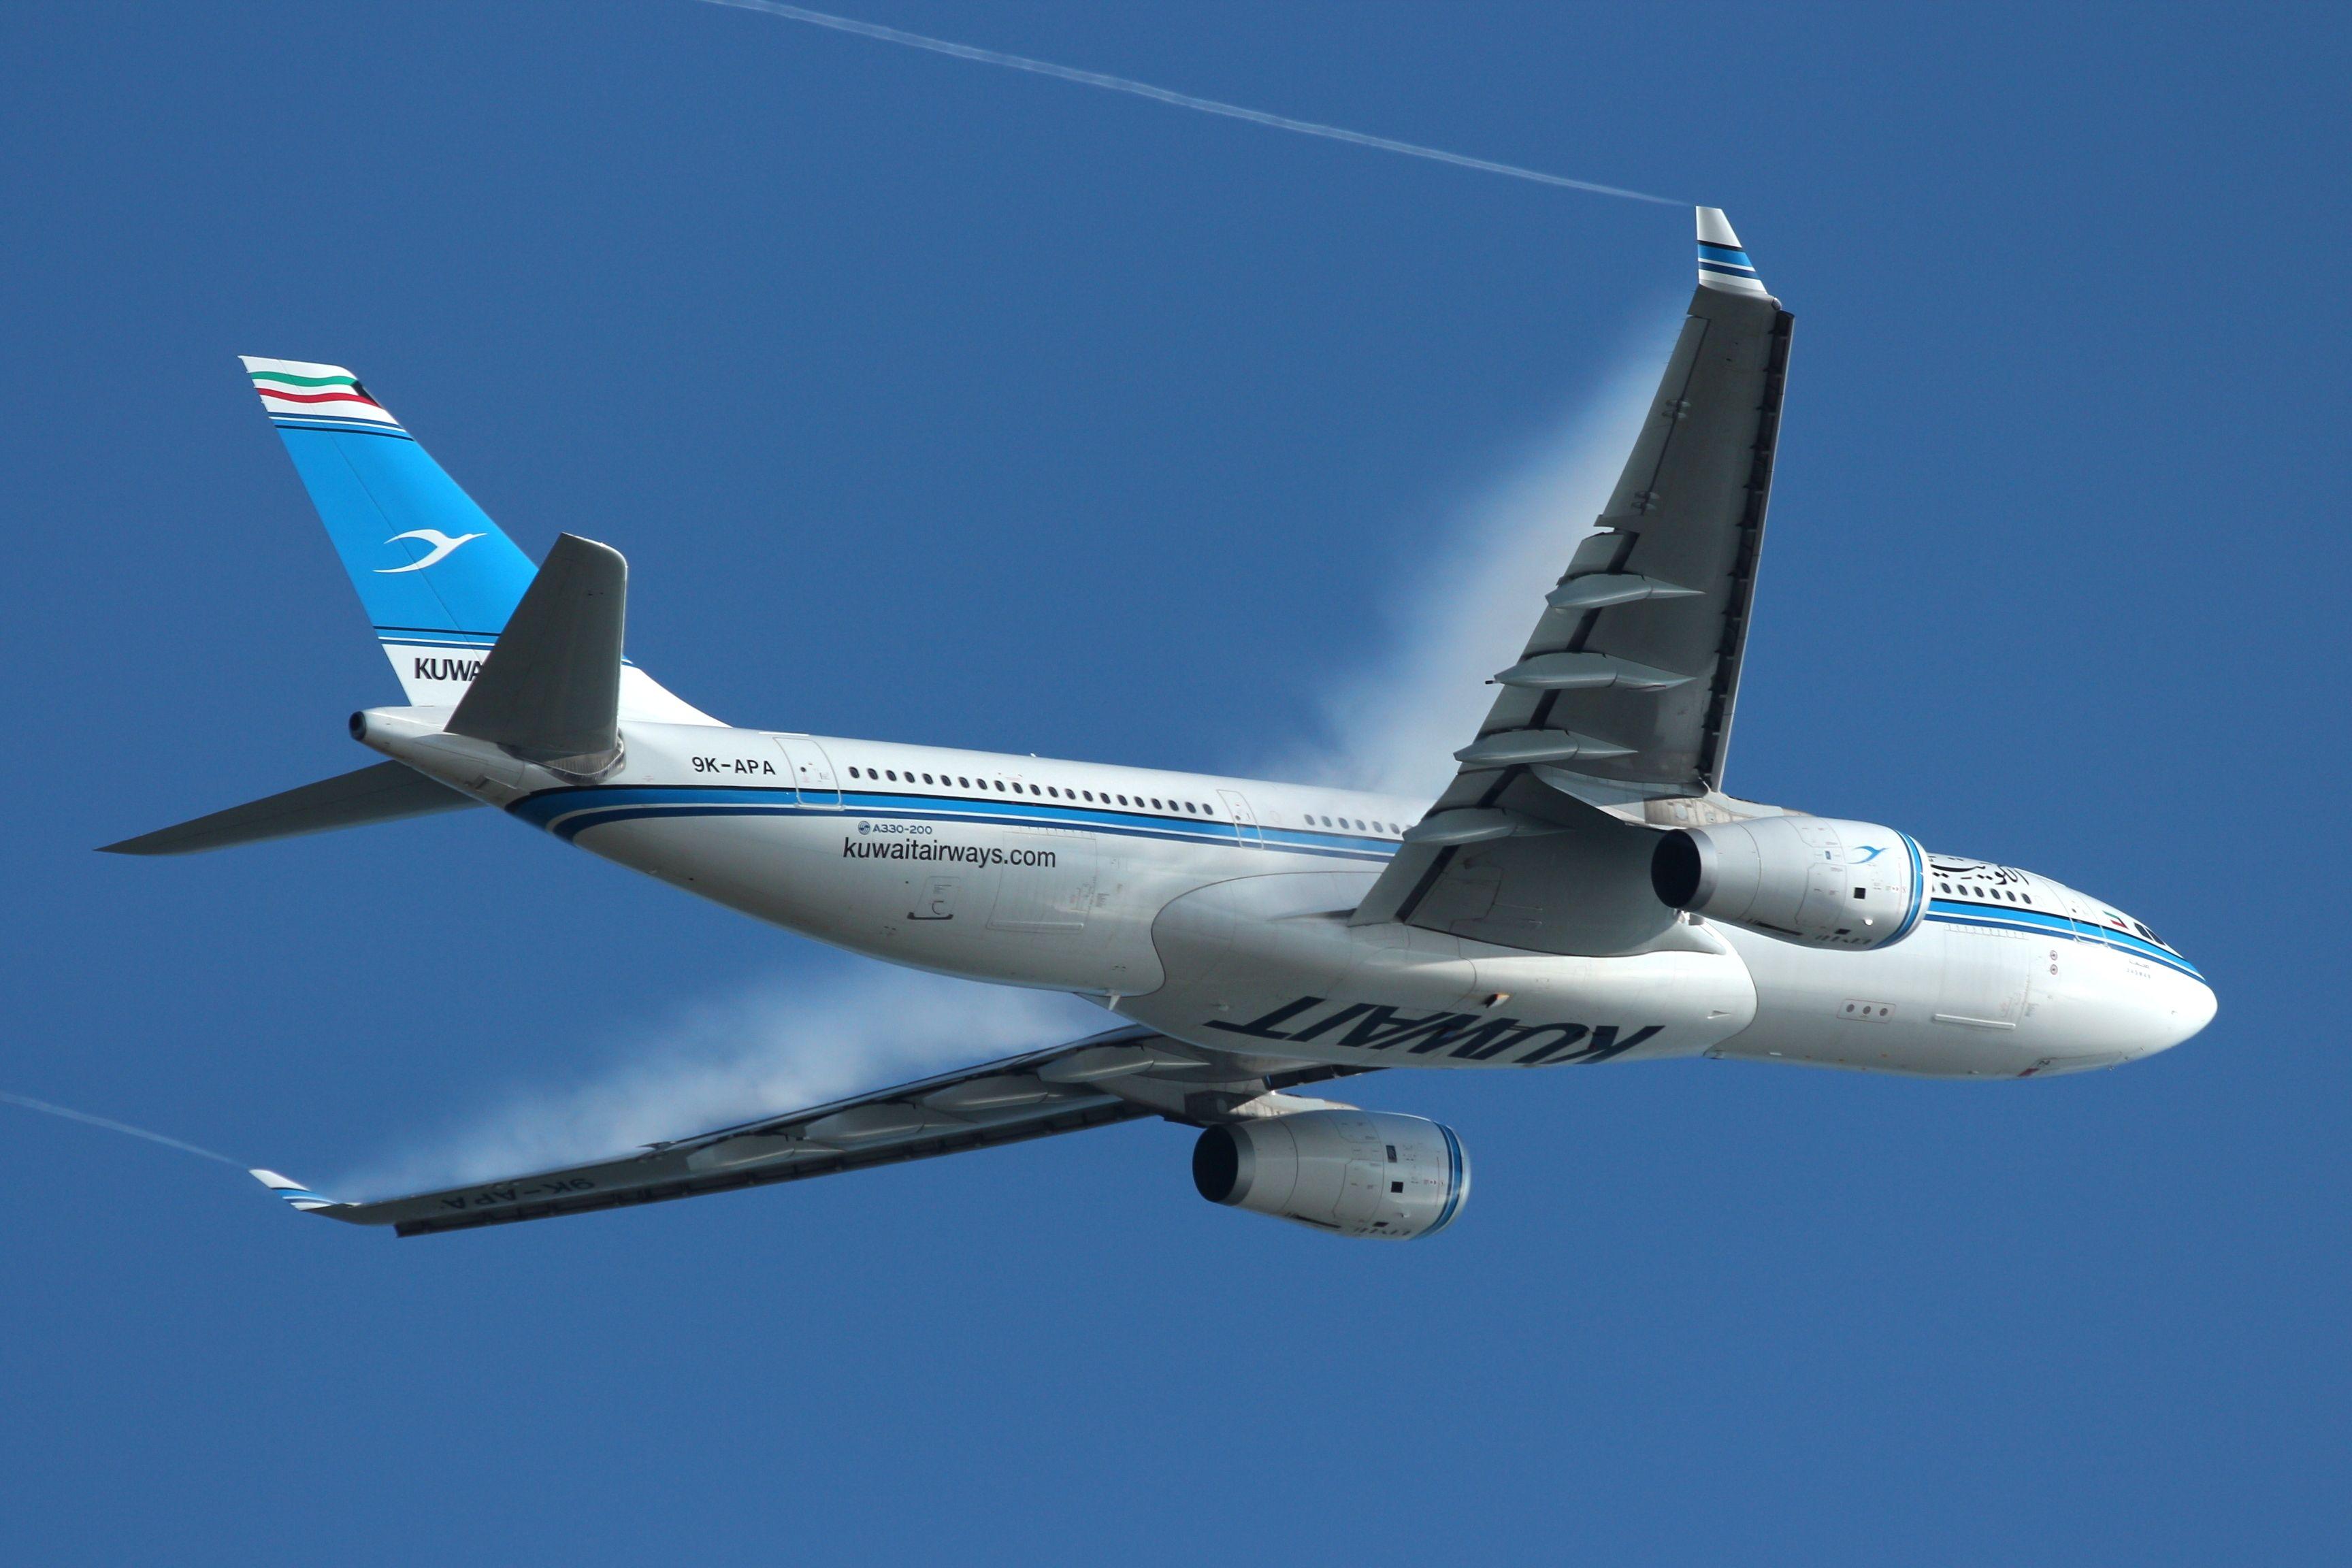 طيران الكويتية Aircraft Passenger Jet Online Tickets